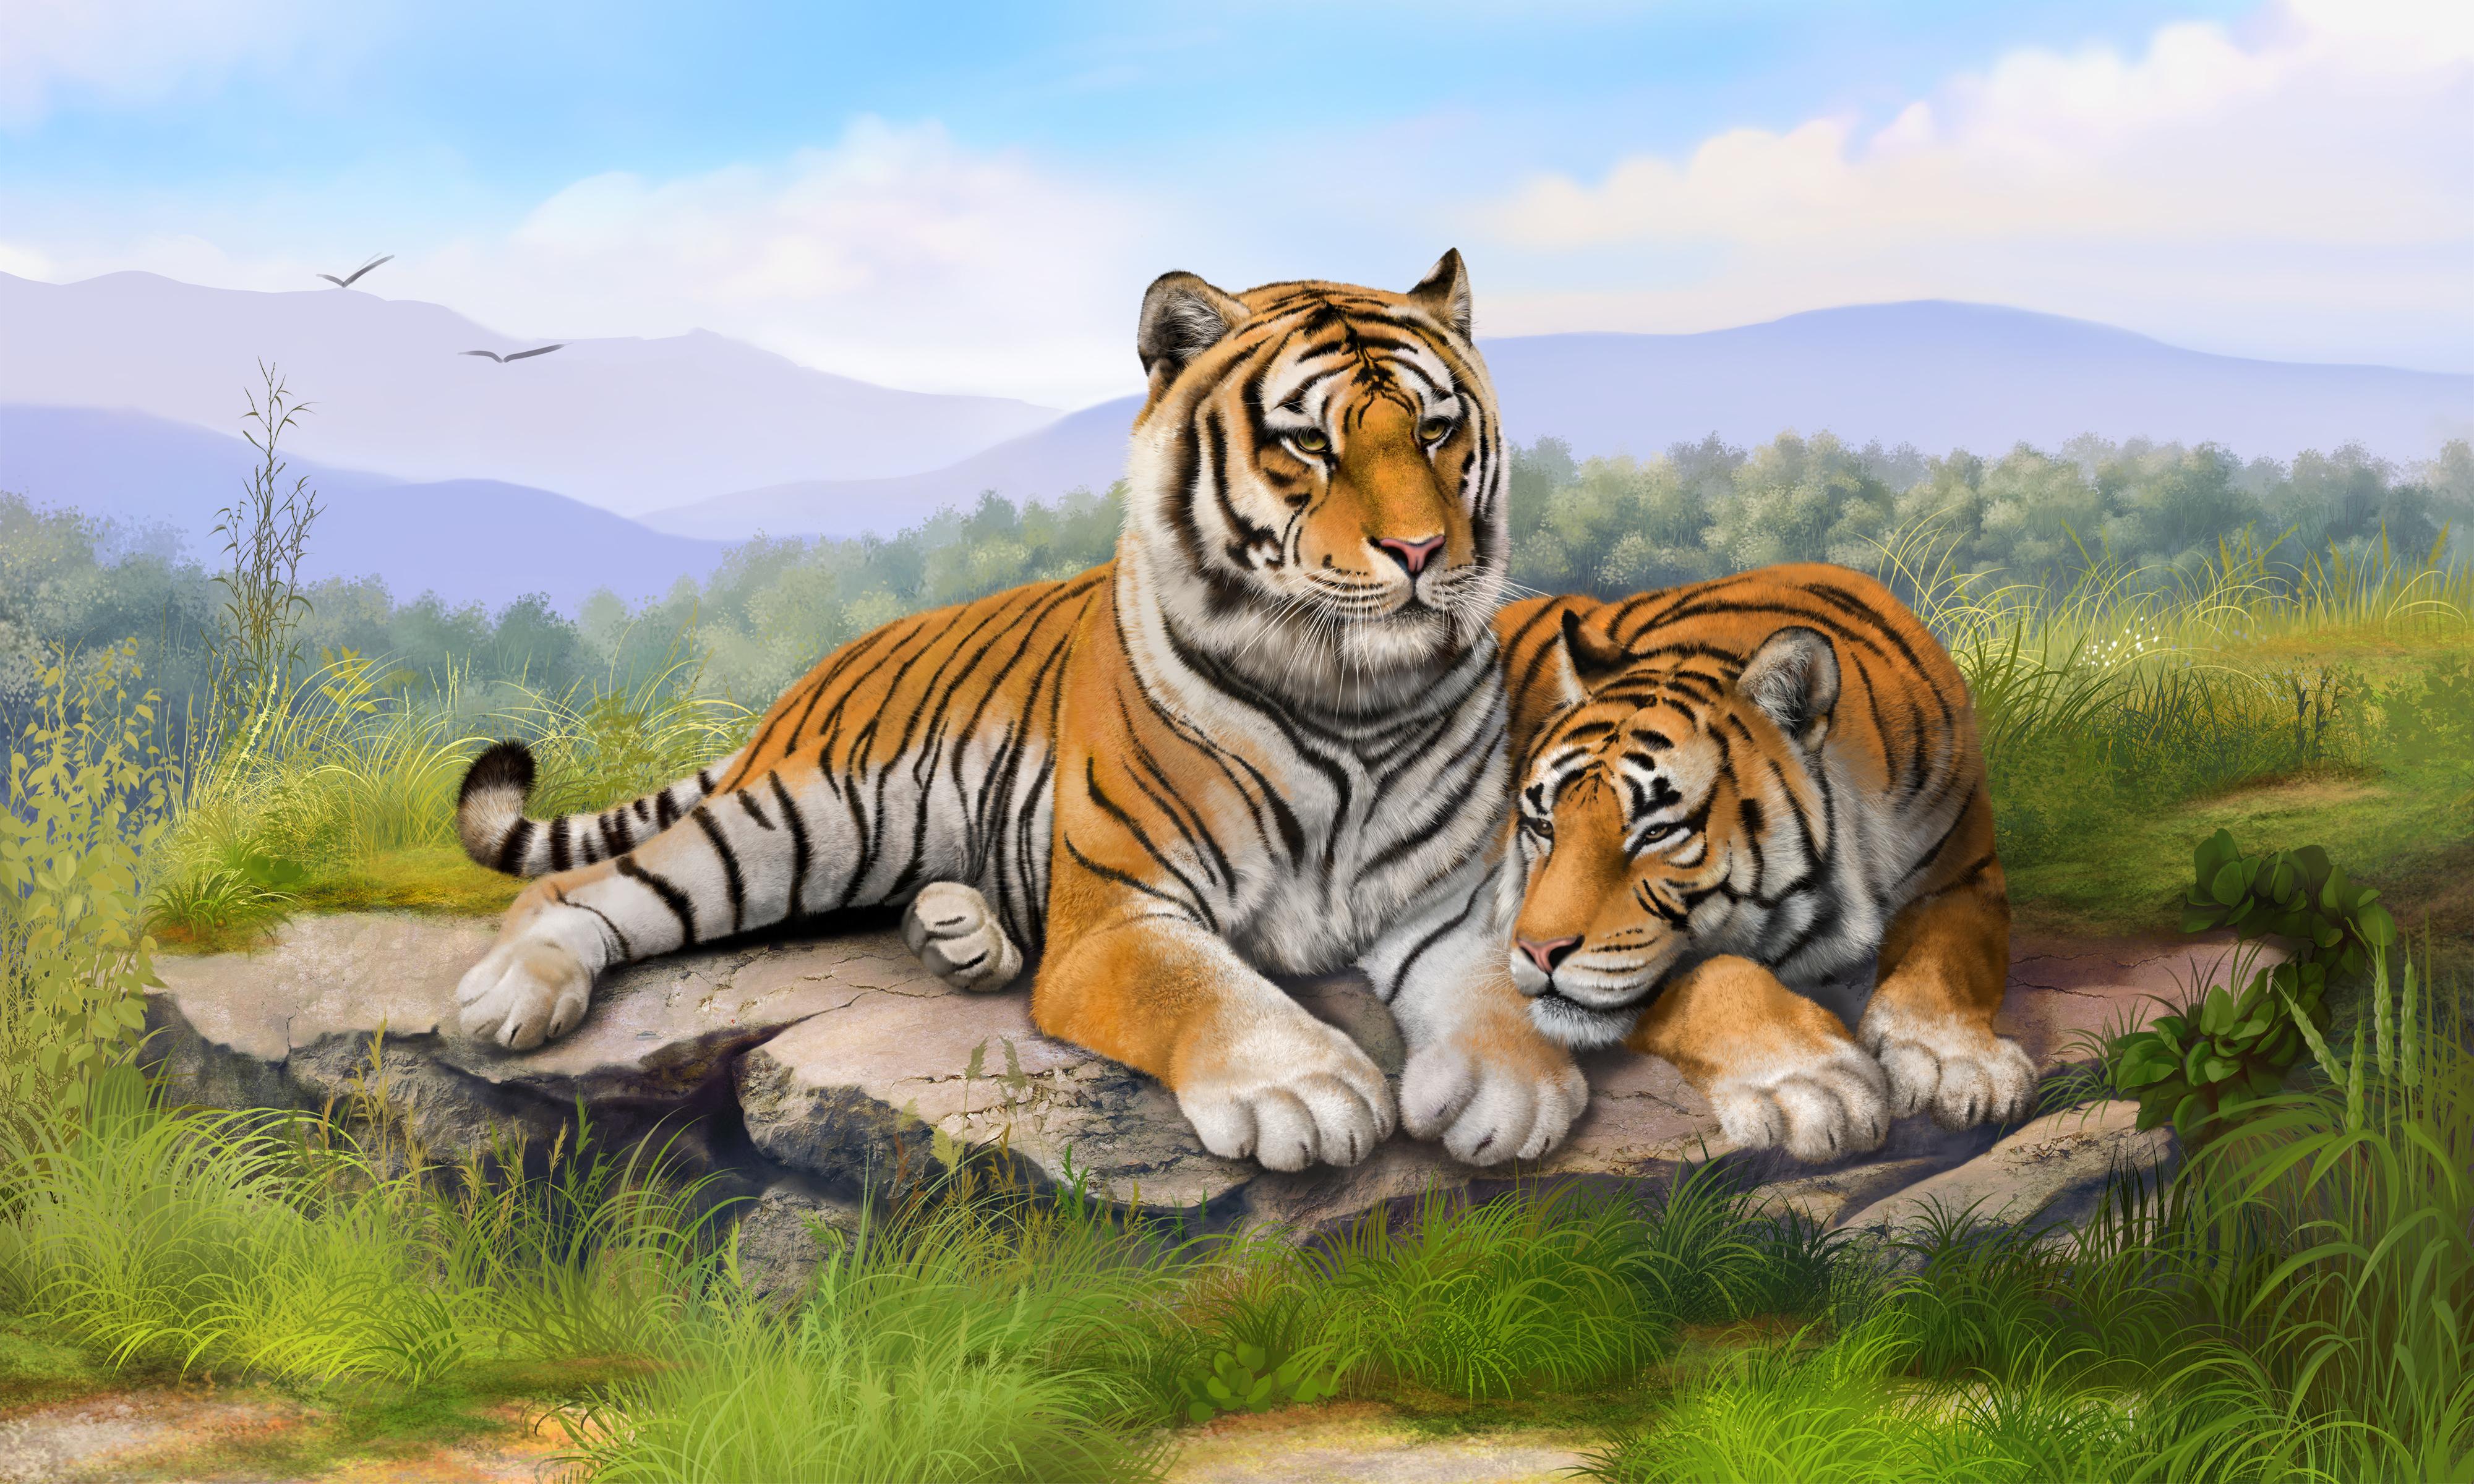 老虎图片 老虎高清壁纸 动物壁纸-第1张